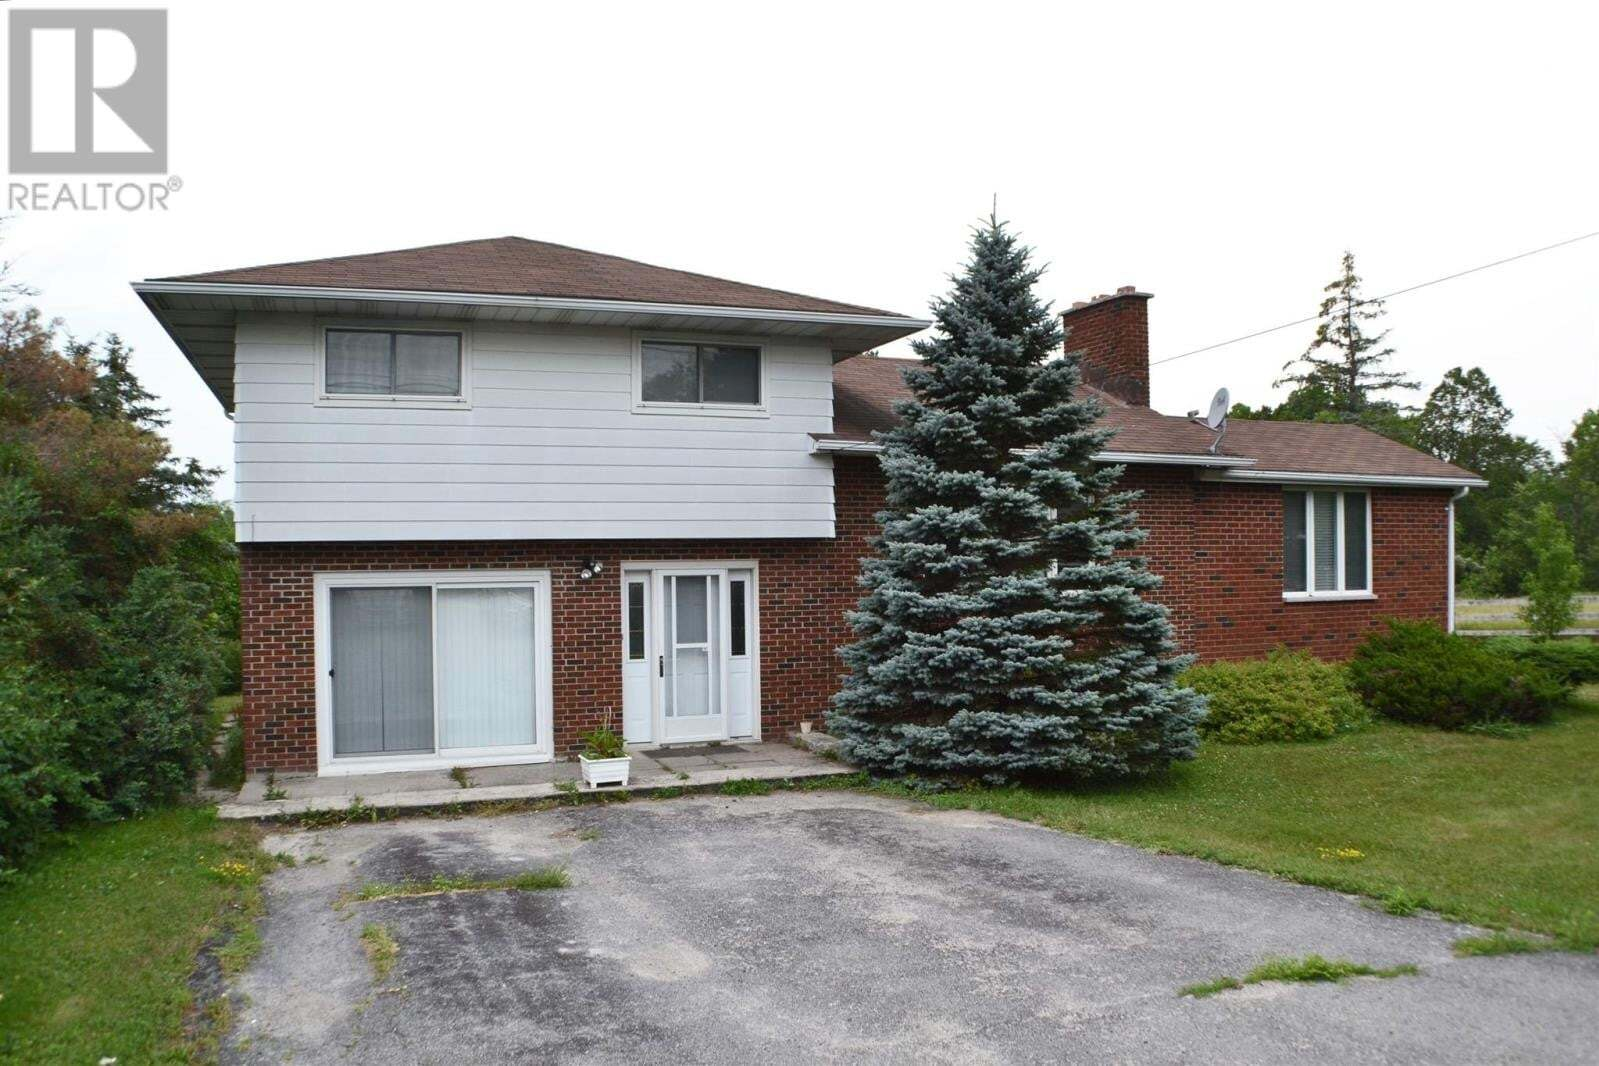 Home for sale at 4523 Loughborough Portland Boundary Rd Sydenham Ontario - MLS: K20004152